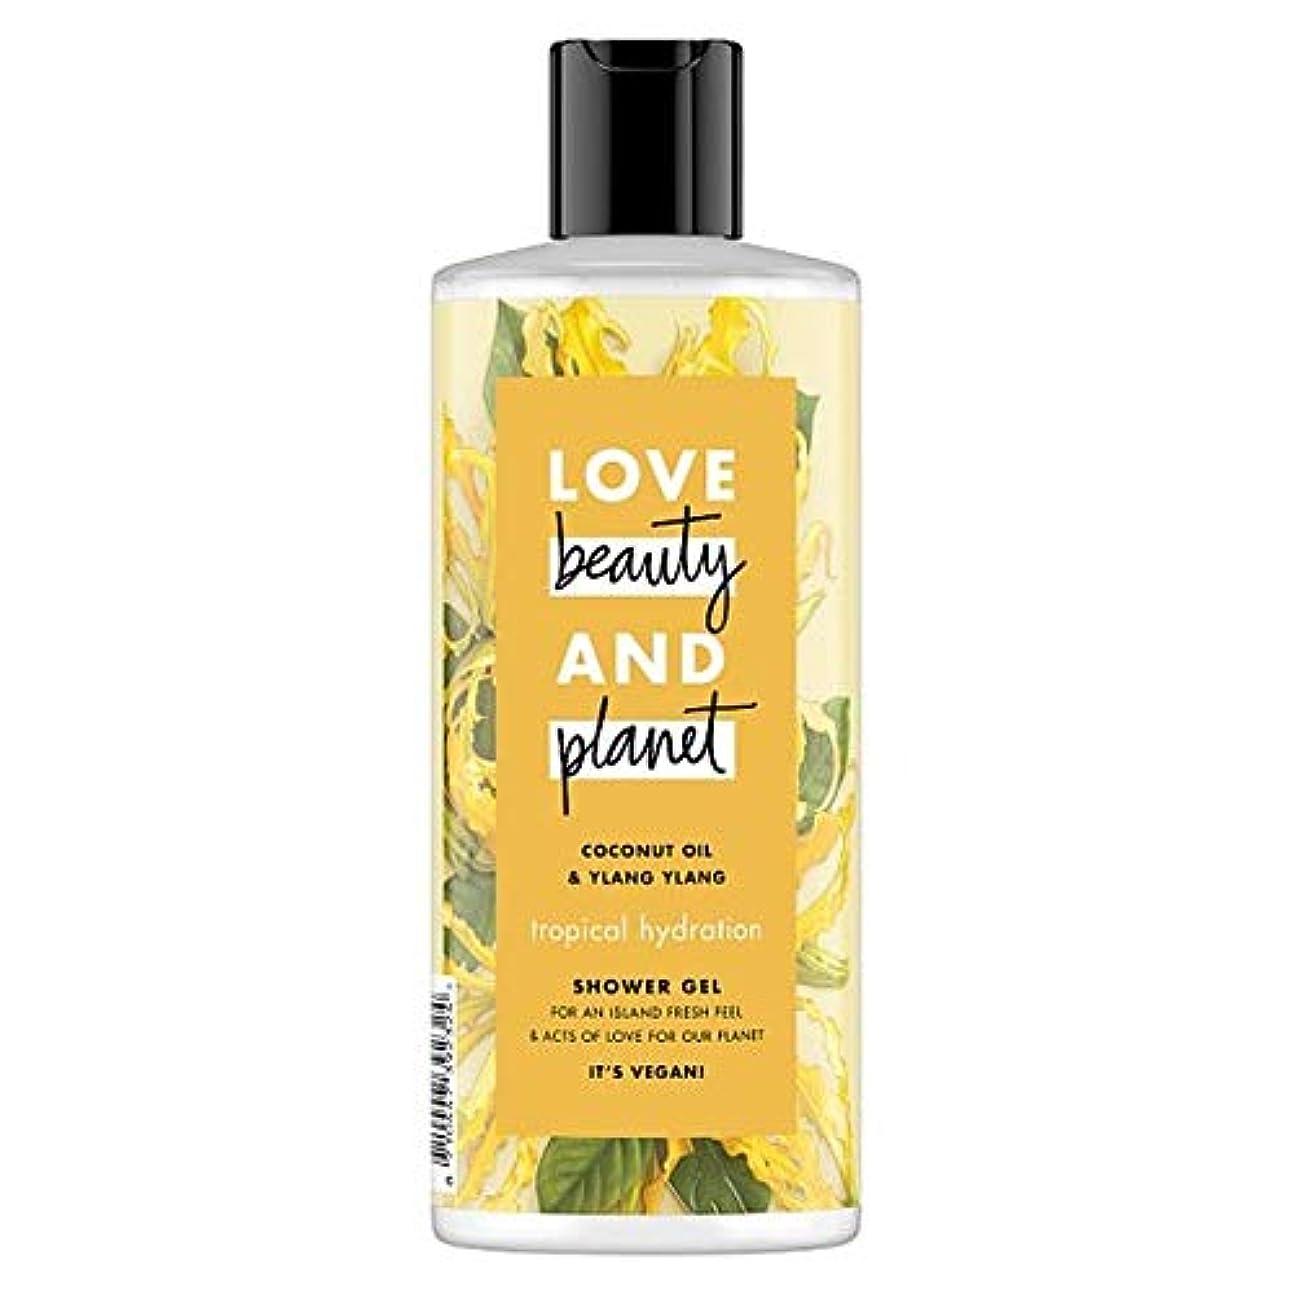 十分に請求可能消化器[Dove ] 美しさと惑星イランのシャワージェル500ミリリットルを愛します - Love Beauty And Planet Ylang Shower Gel 500Ml [並行輸入品]